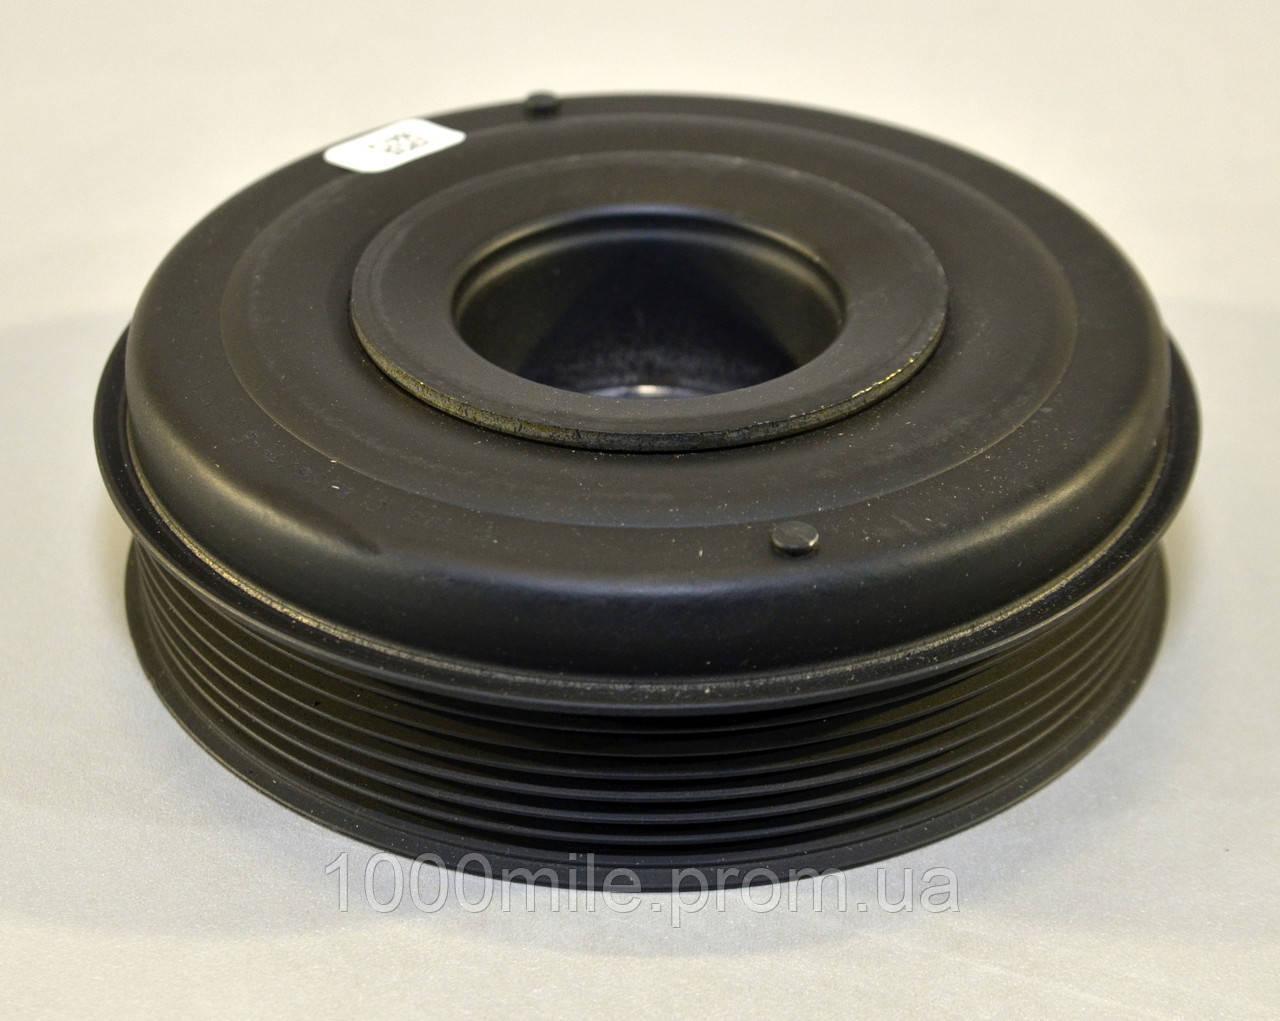 Ременной шкив коленчатого вала на Renault Master III 2010-> 2.3dCi  — Renault (Оригинал) - 8200805671